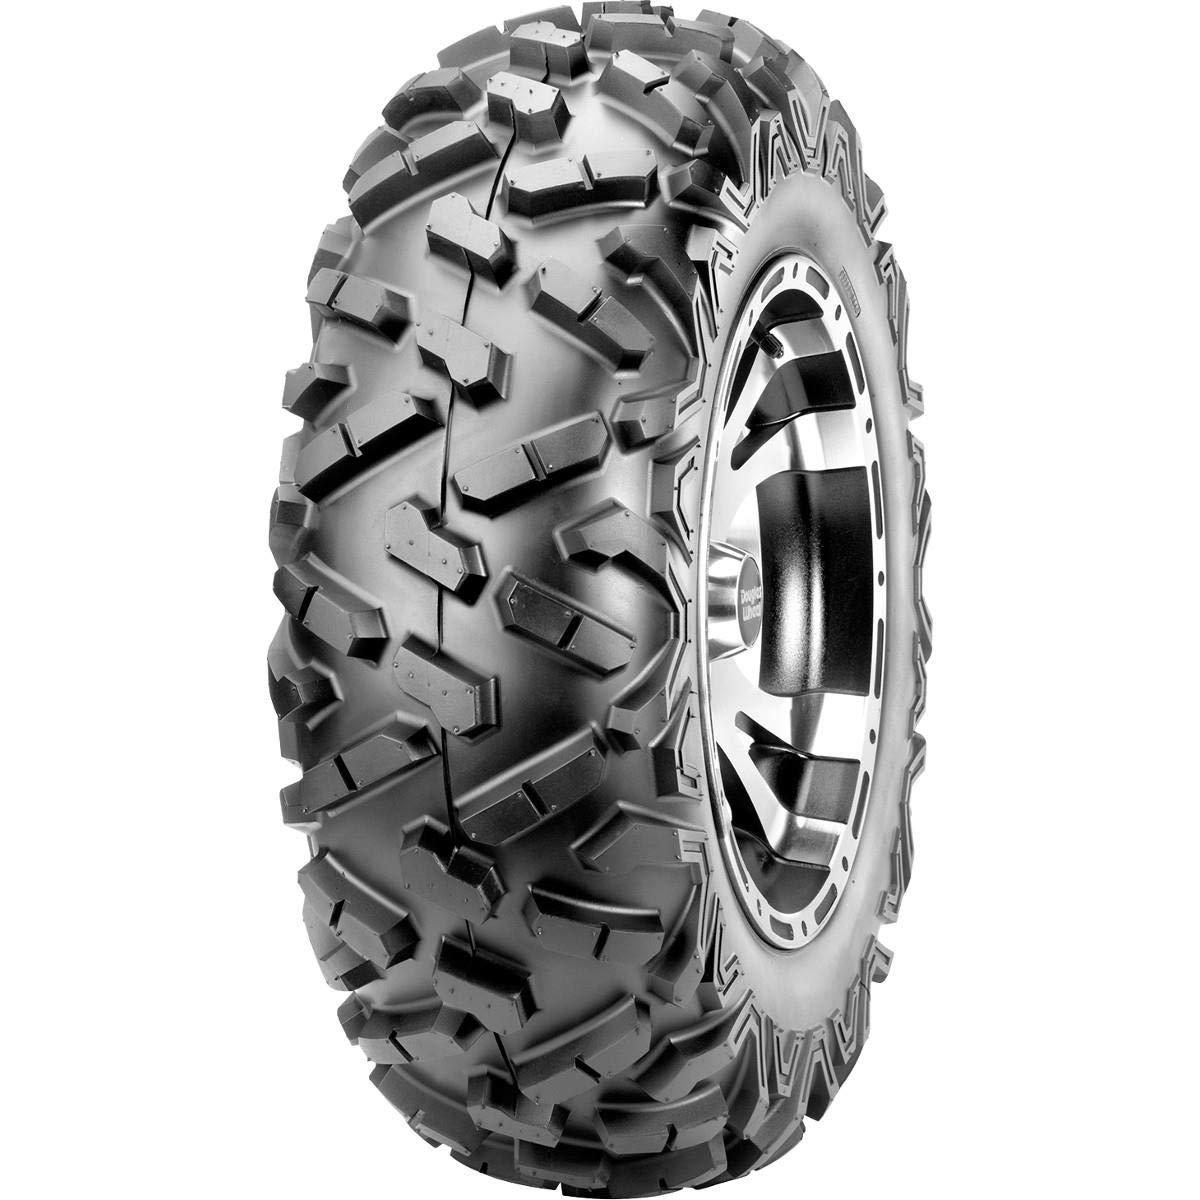 Maxxis MU09 26x9x14 Big Horn 2.0 6-ply Radial ATV Front Tire LEPAZA72263